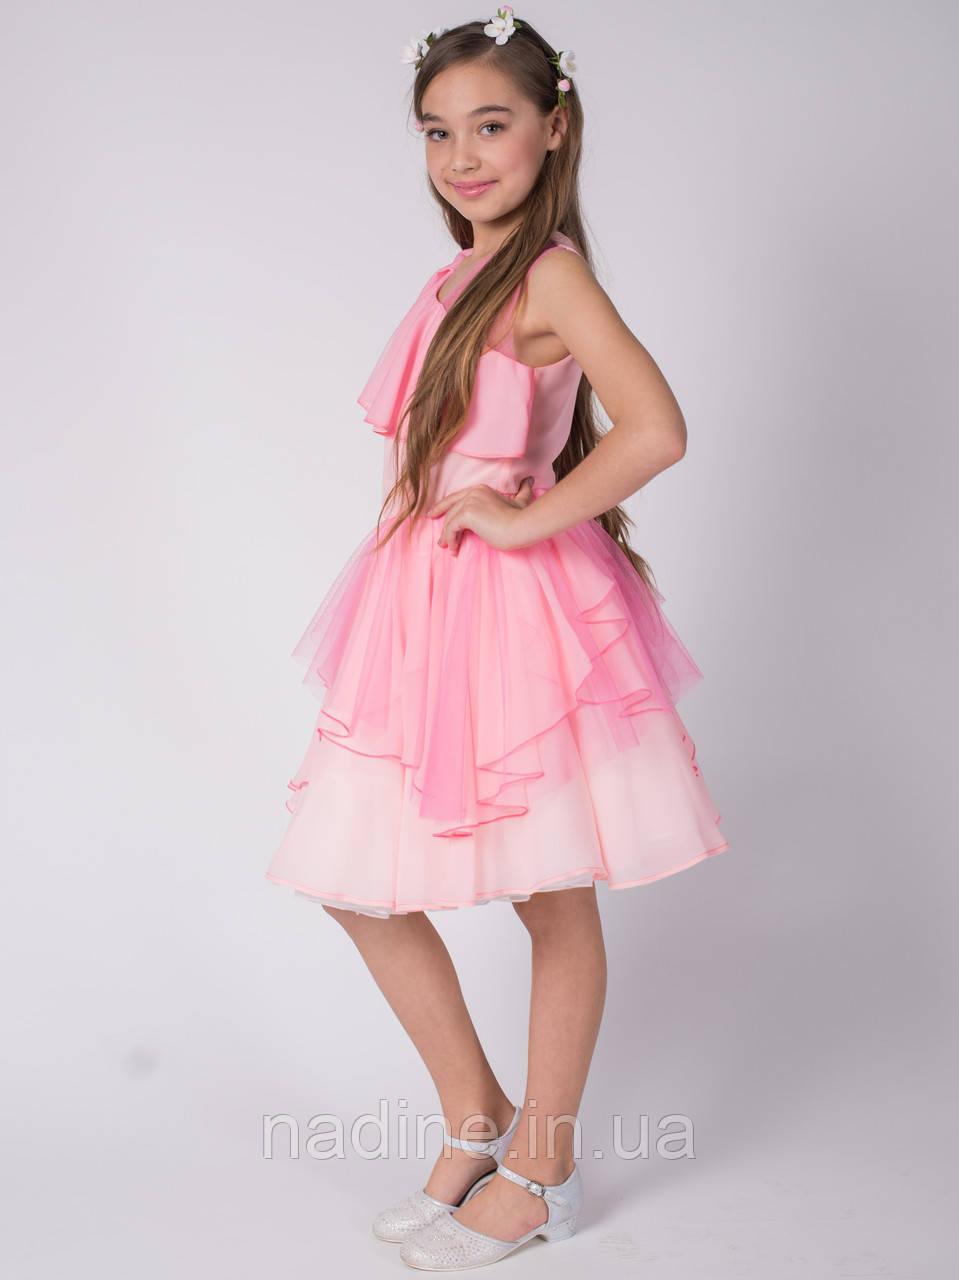 Дизайнерское платье Nadine, Romantic Sakura 140 .Нежно розовое